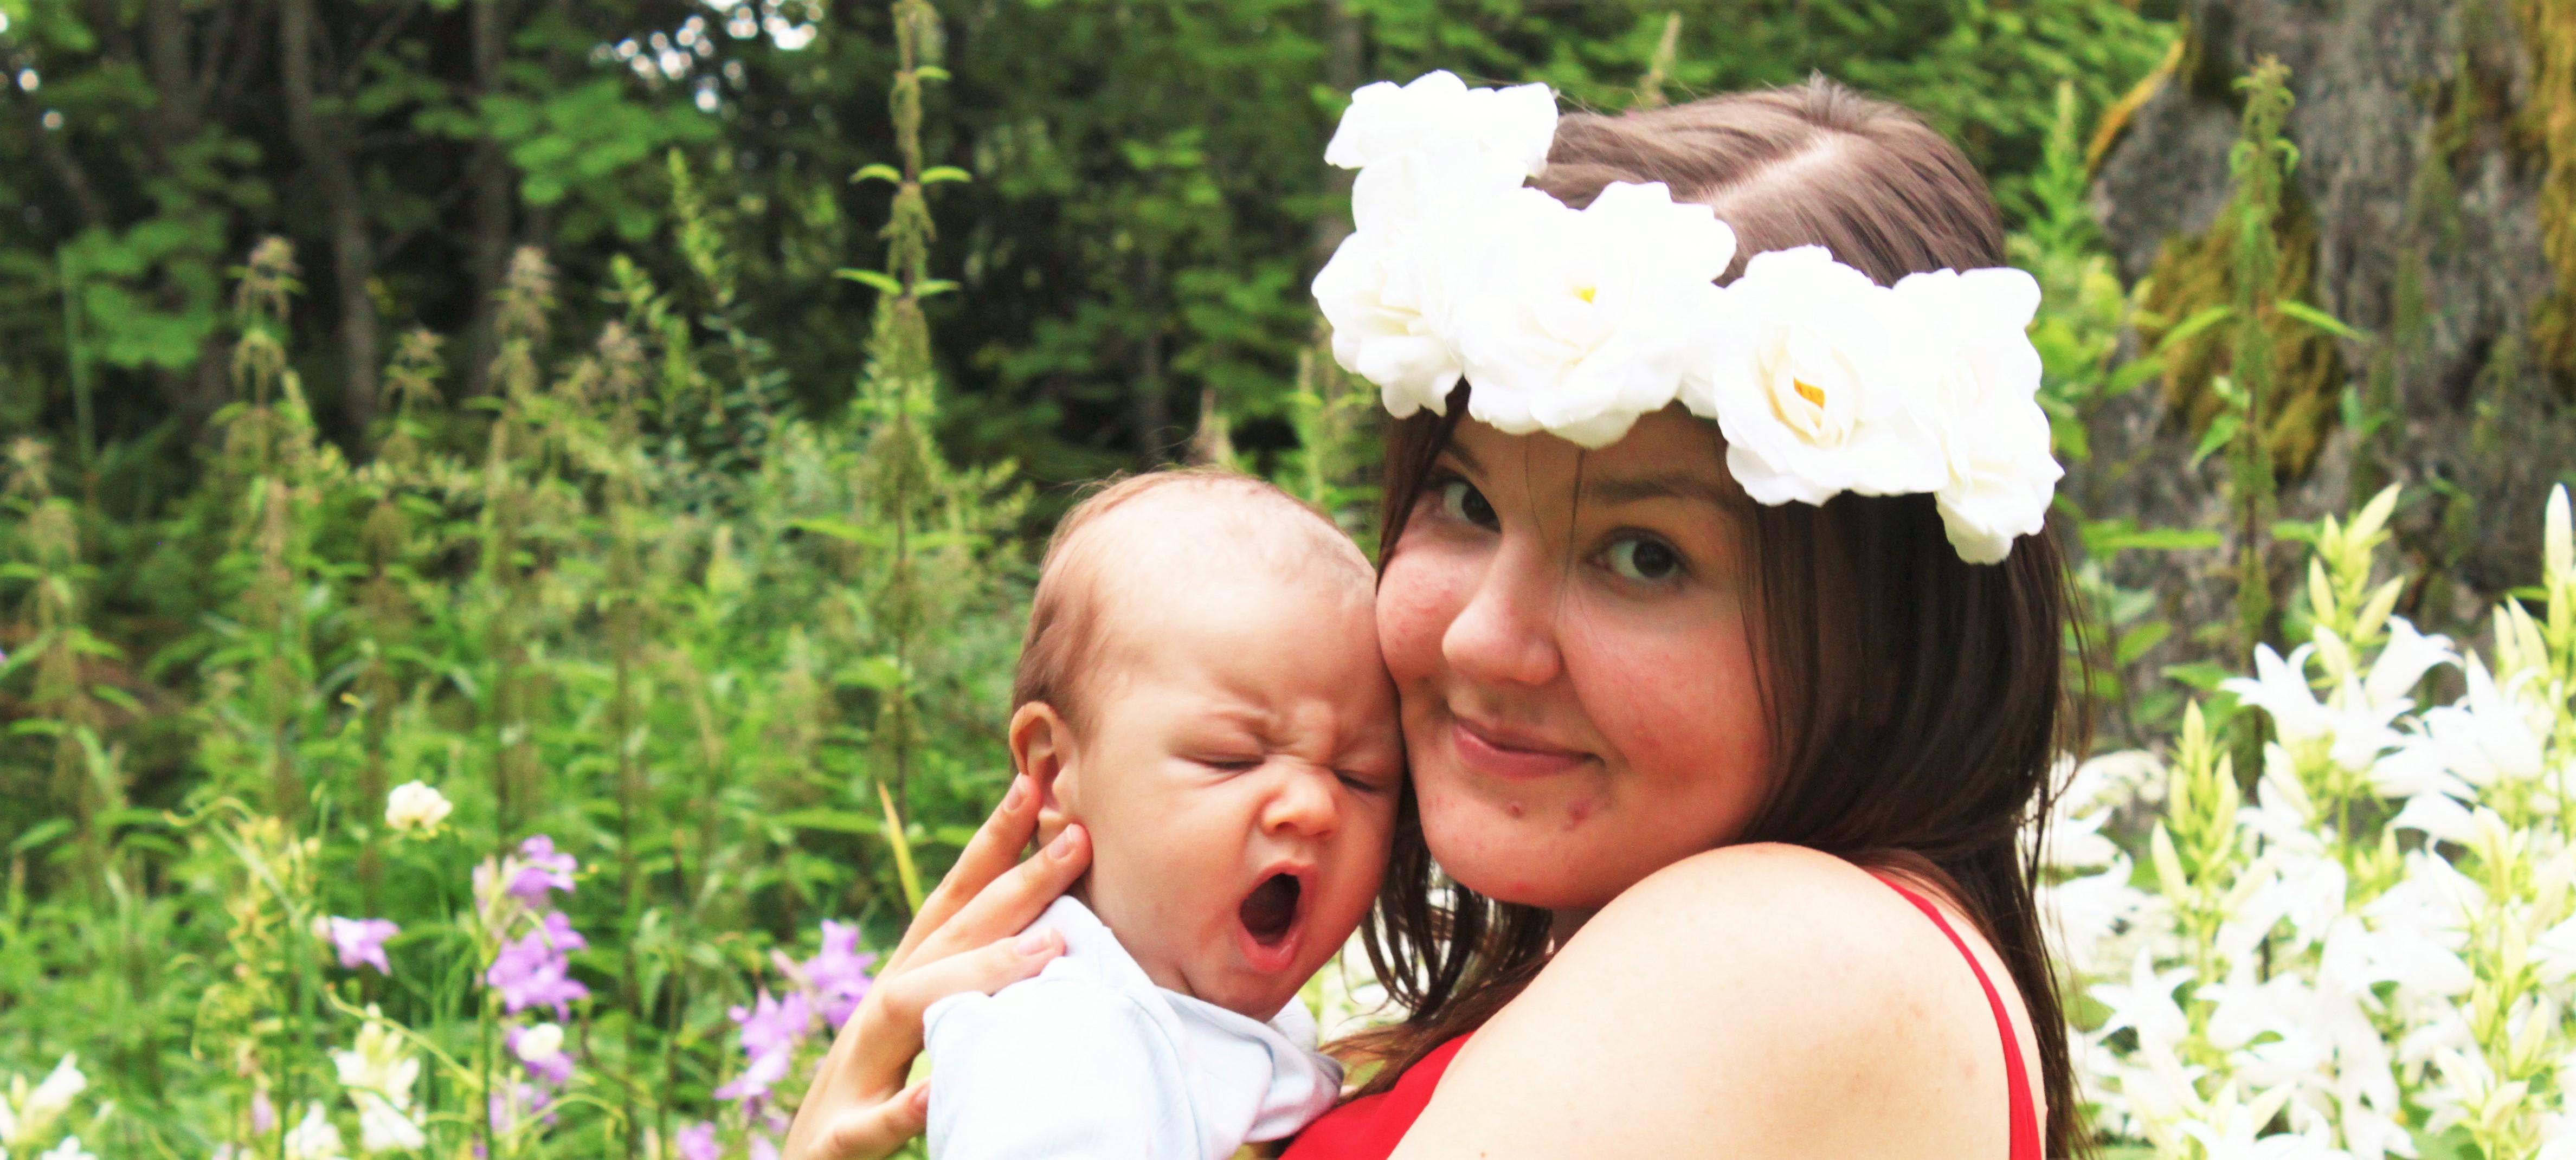 7 miljardia äärettömyyttä, Aada Järvinen (1) vauva, kesä.JPG